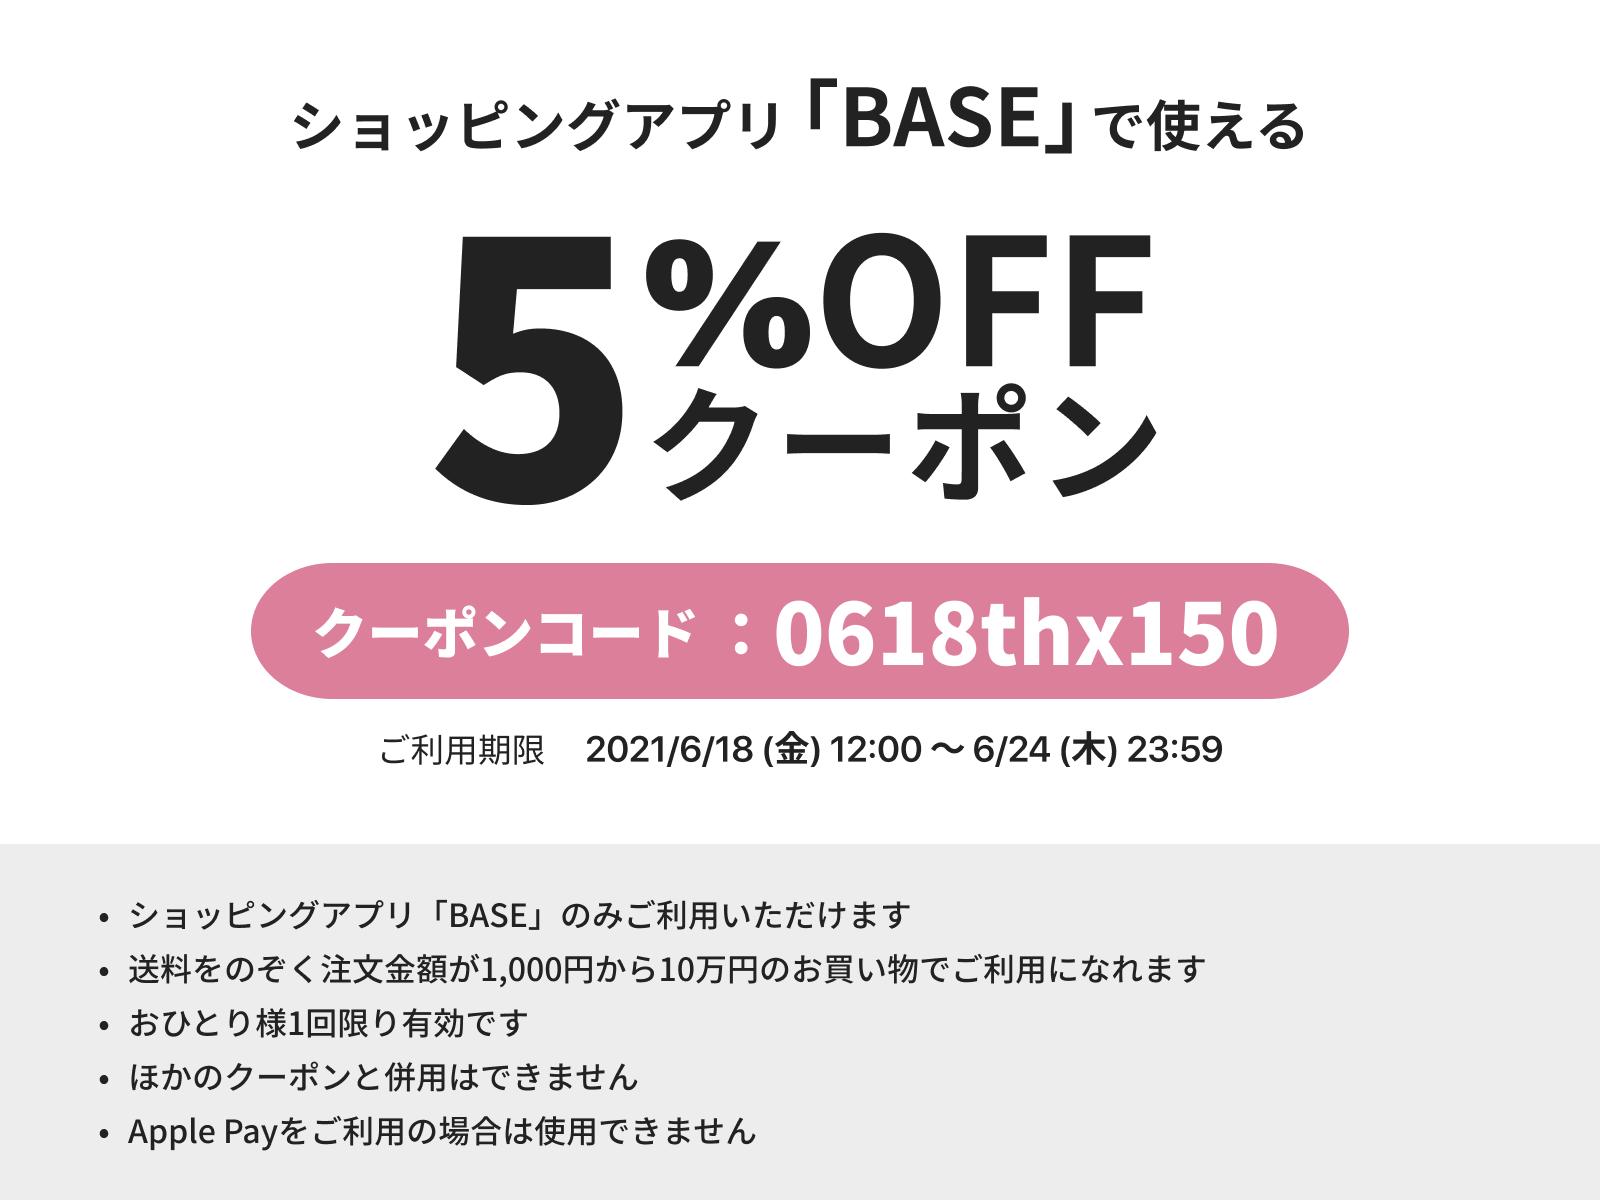 ショッピングアプリBASEで使える5%OFFクーポンプレゼント☆